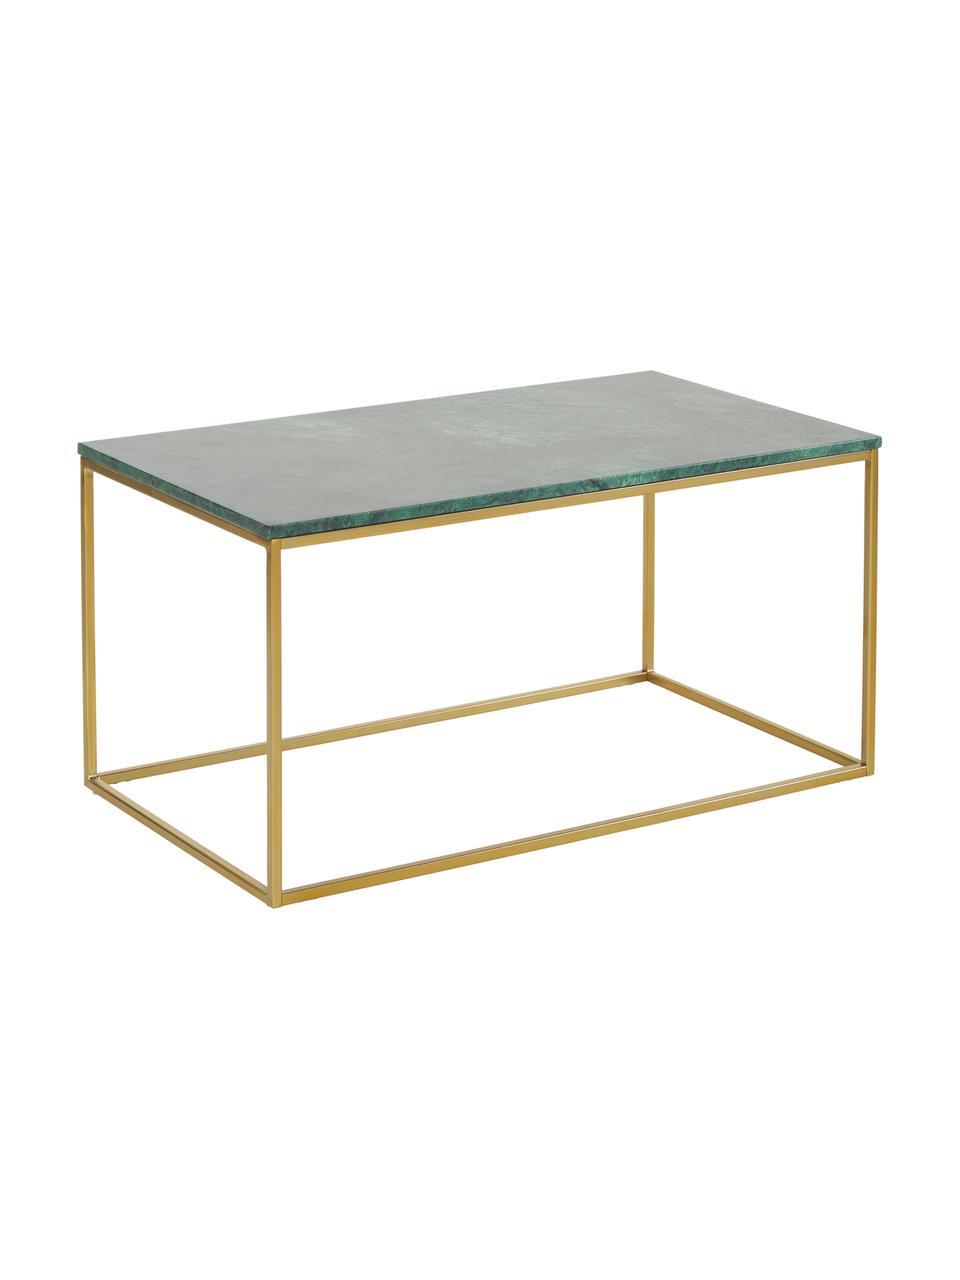 Table basse marbreAlys, Plateau: marbre vert Structure: couleur dorée, brillant